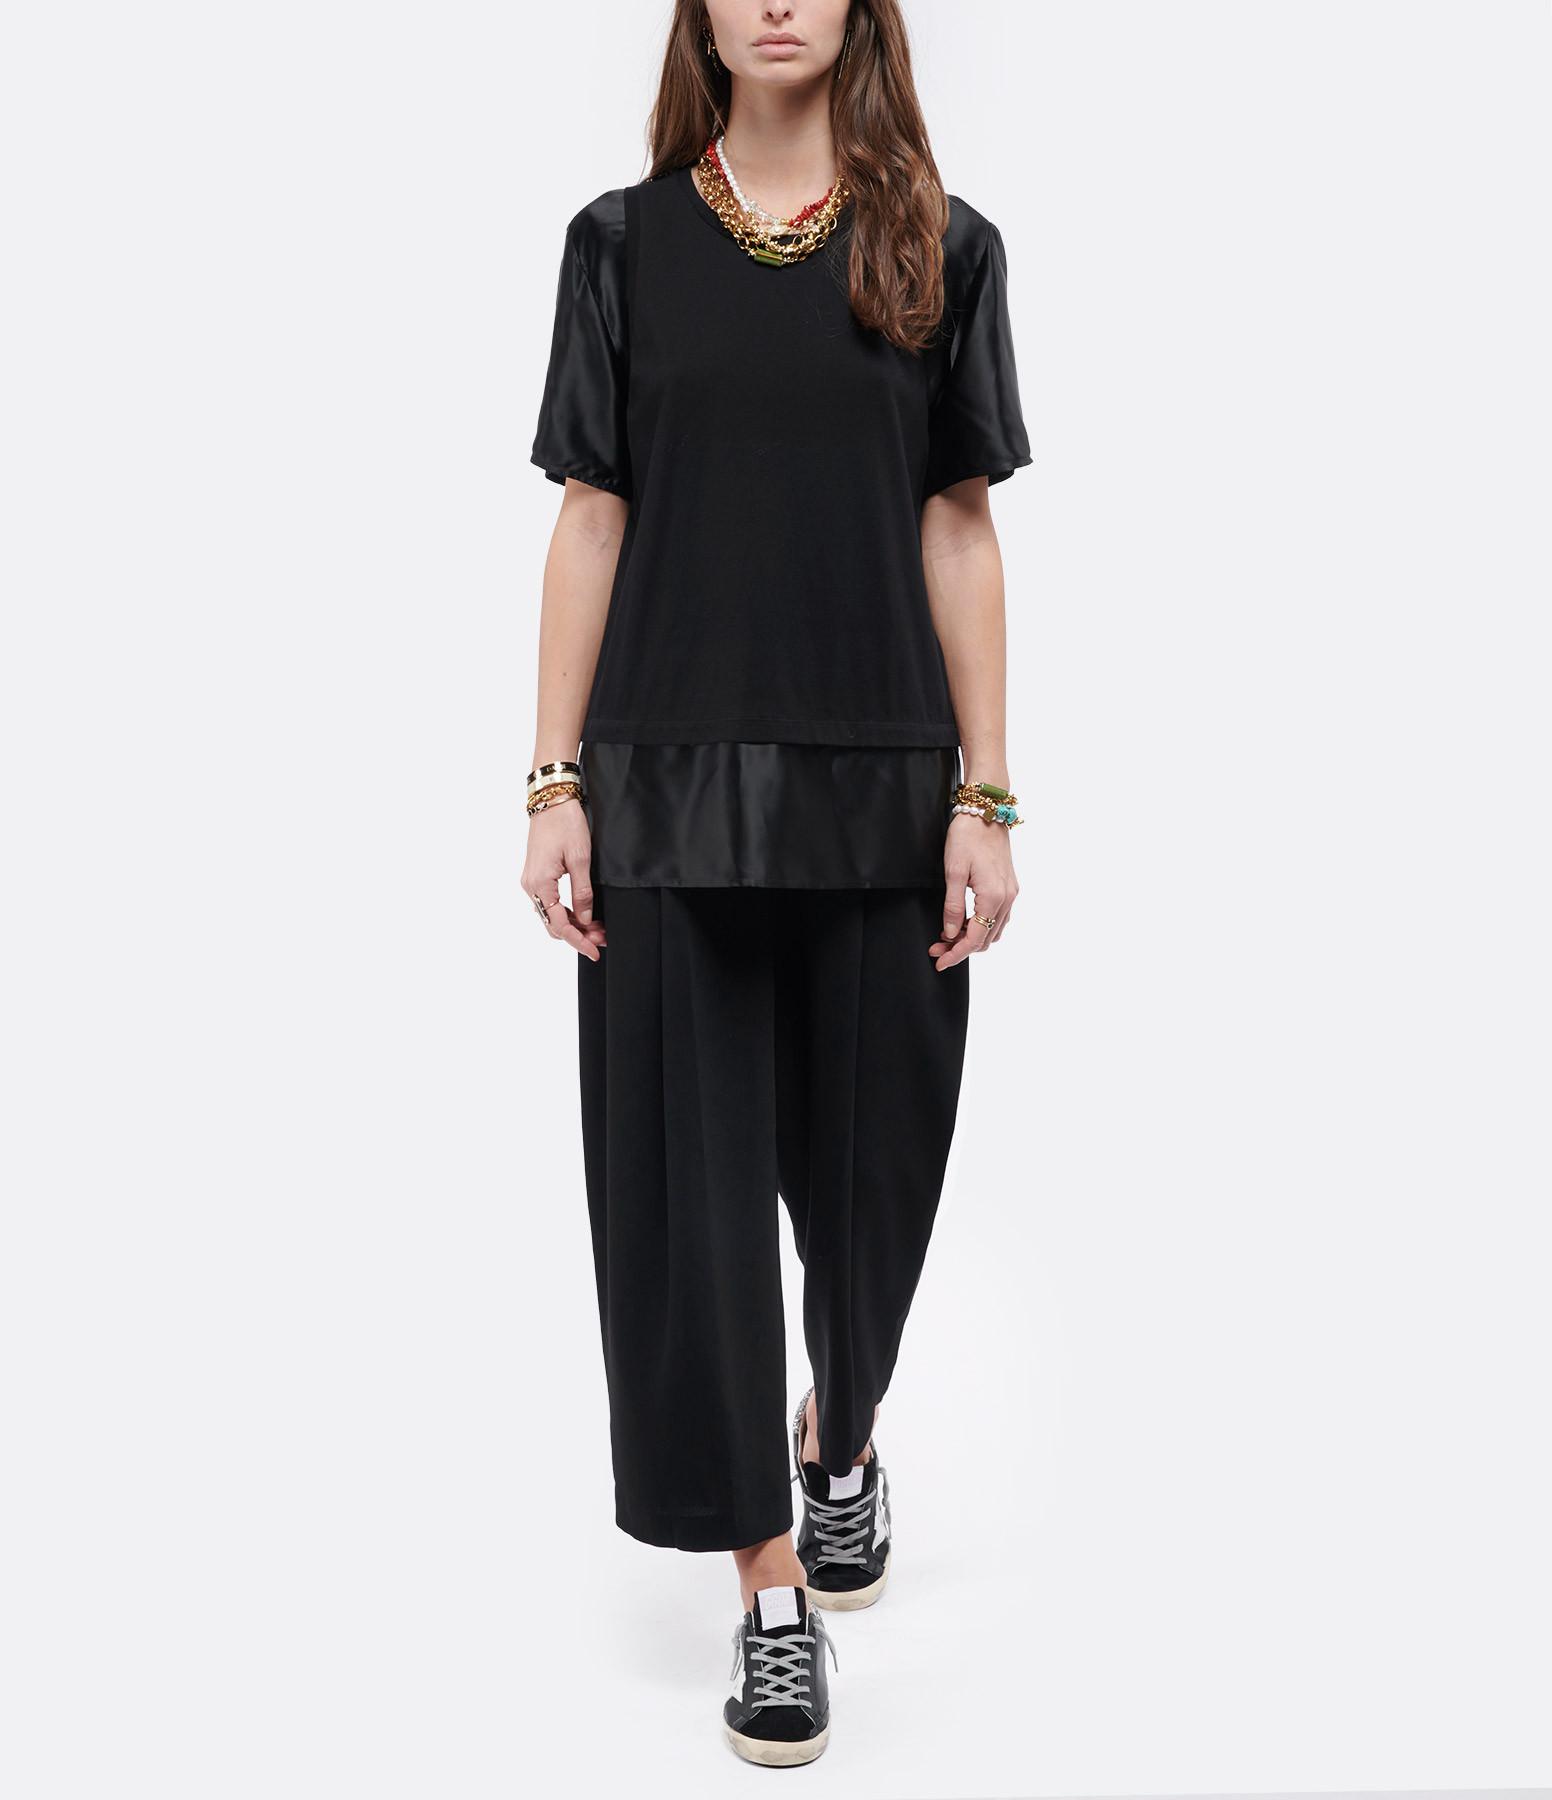 MM6 MAISON MARGIELA - Tee-shirt Jersey Noir